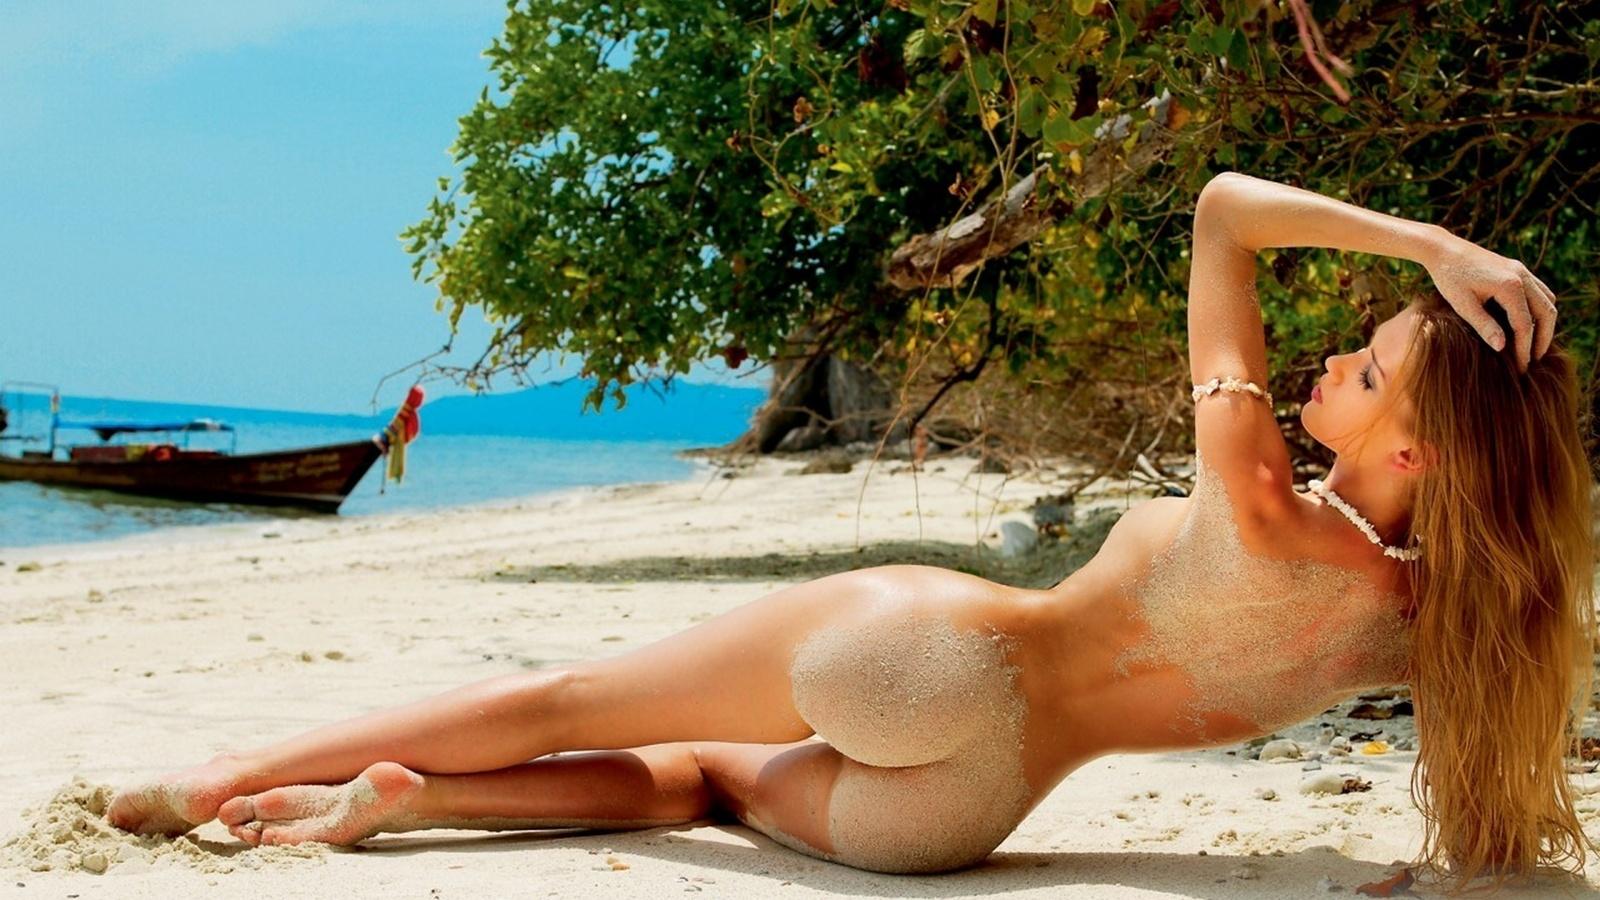 Фото для рабочего столатолько голые девки в большом формате 7 фотография